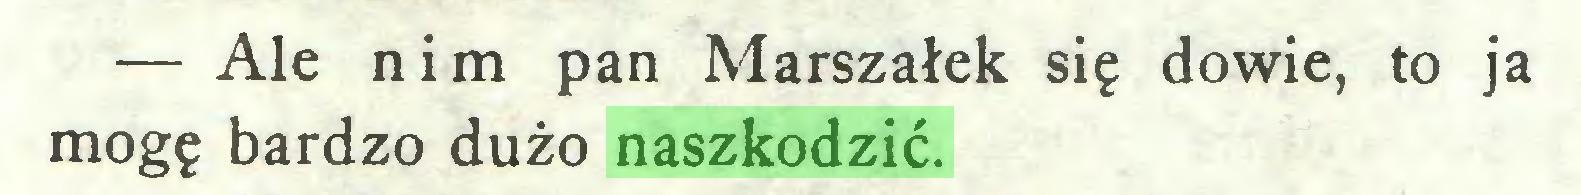 (...) — Ale nim pan Marszałek się dowie, to ja mogę bardzo dużo naszkodzić...